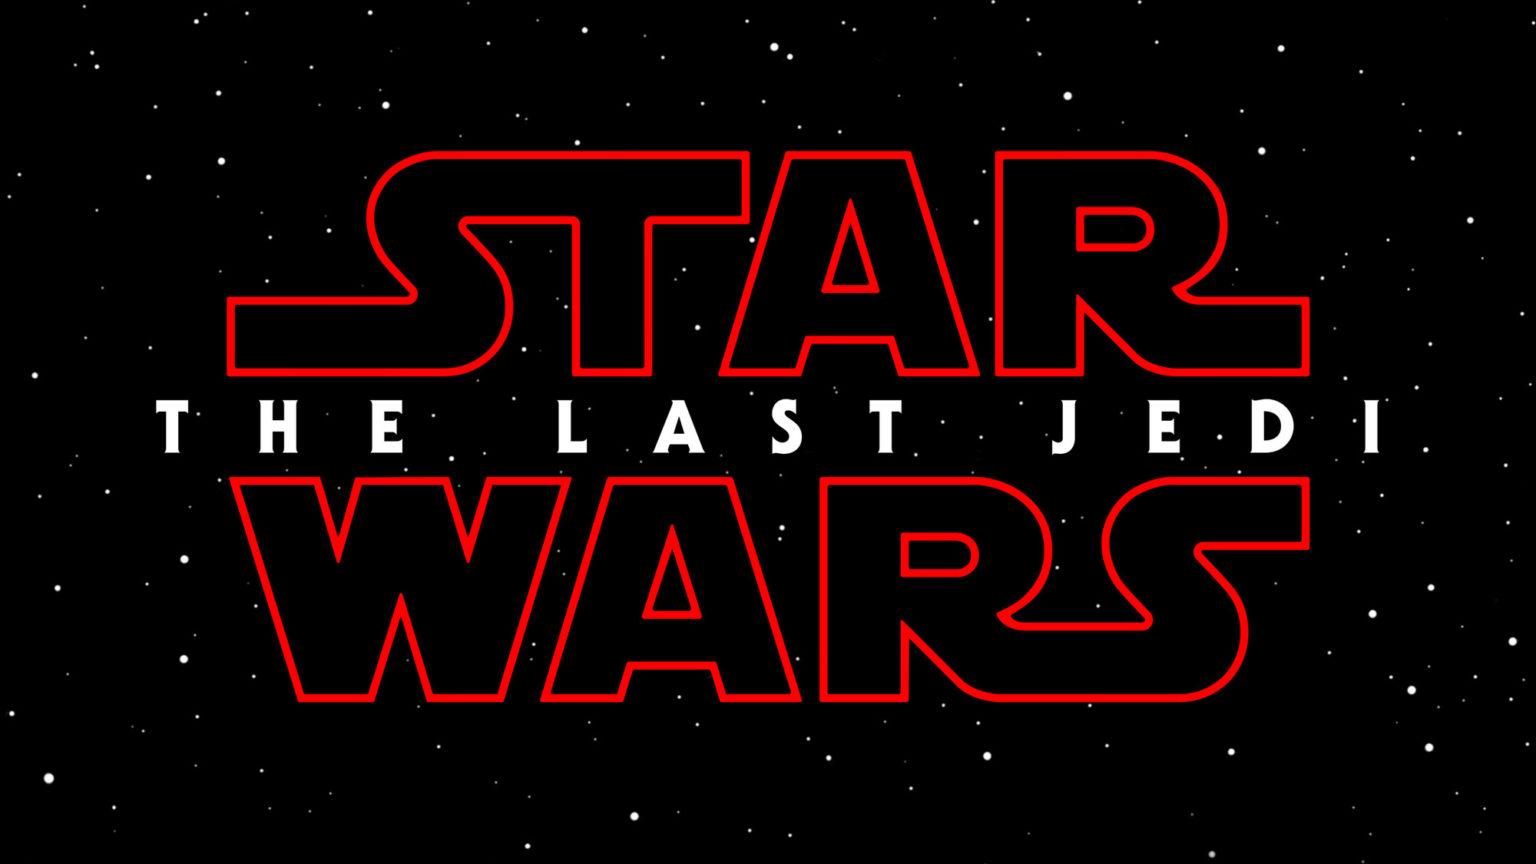 Star Wars: The Last Jedi es el título final de Star Wars: Episode VIII